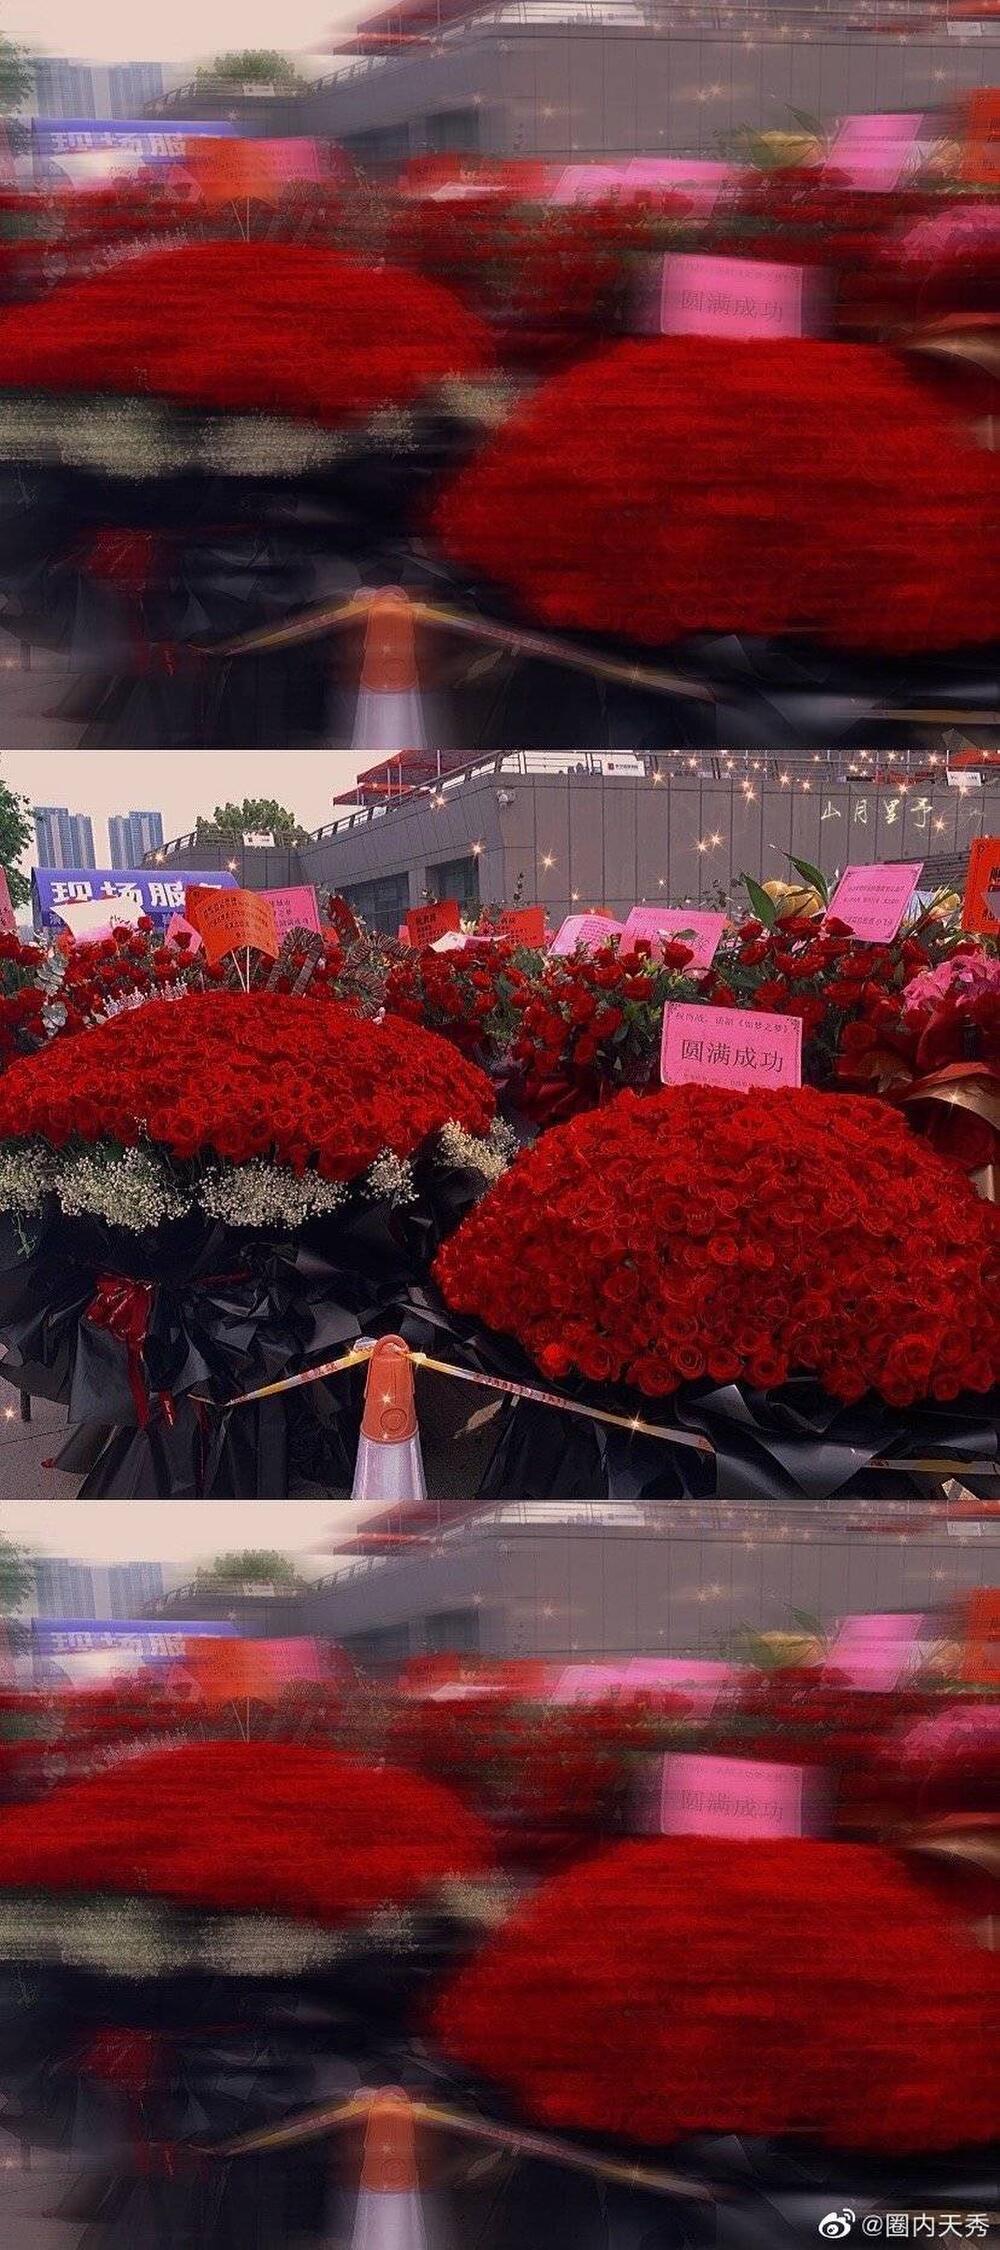 Một 'rừng hoa' của fan gửi trước nhà hát để chúc mừng Tiêu Chiến với vai diễn thành công rực rỡ Ảnh 11